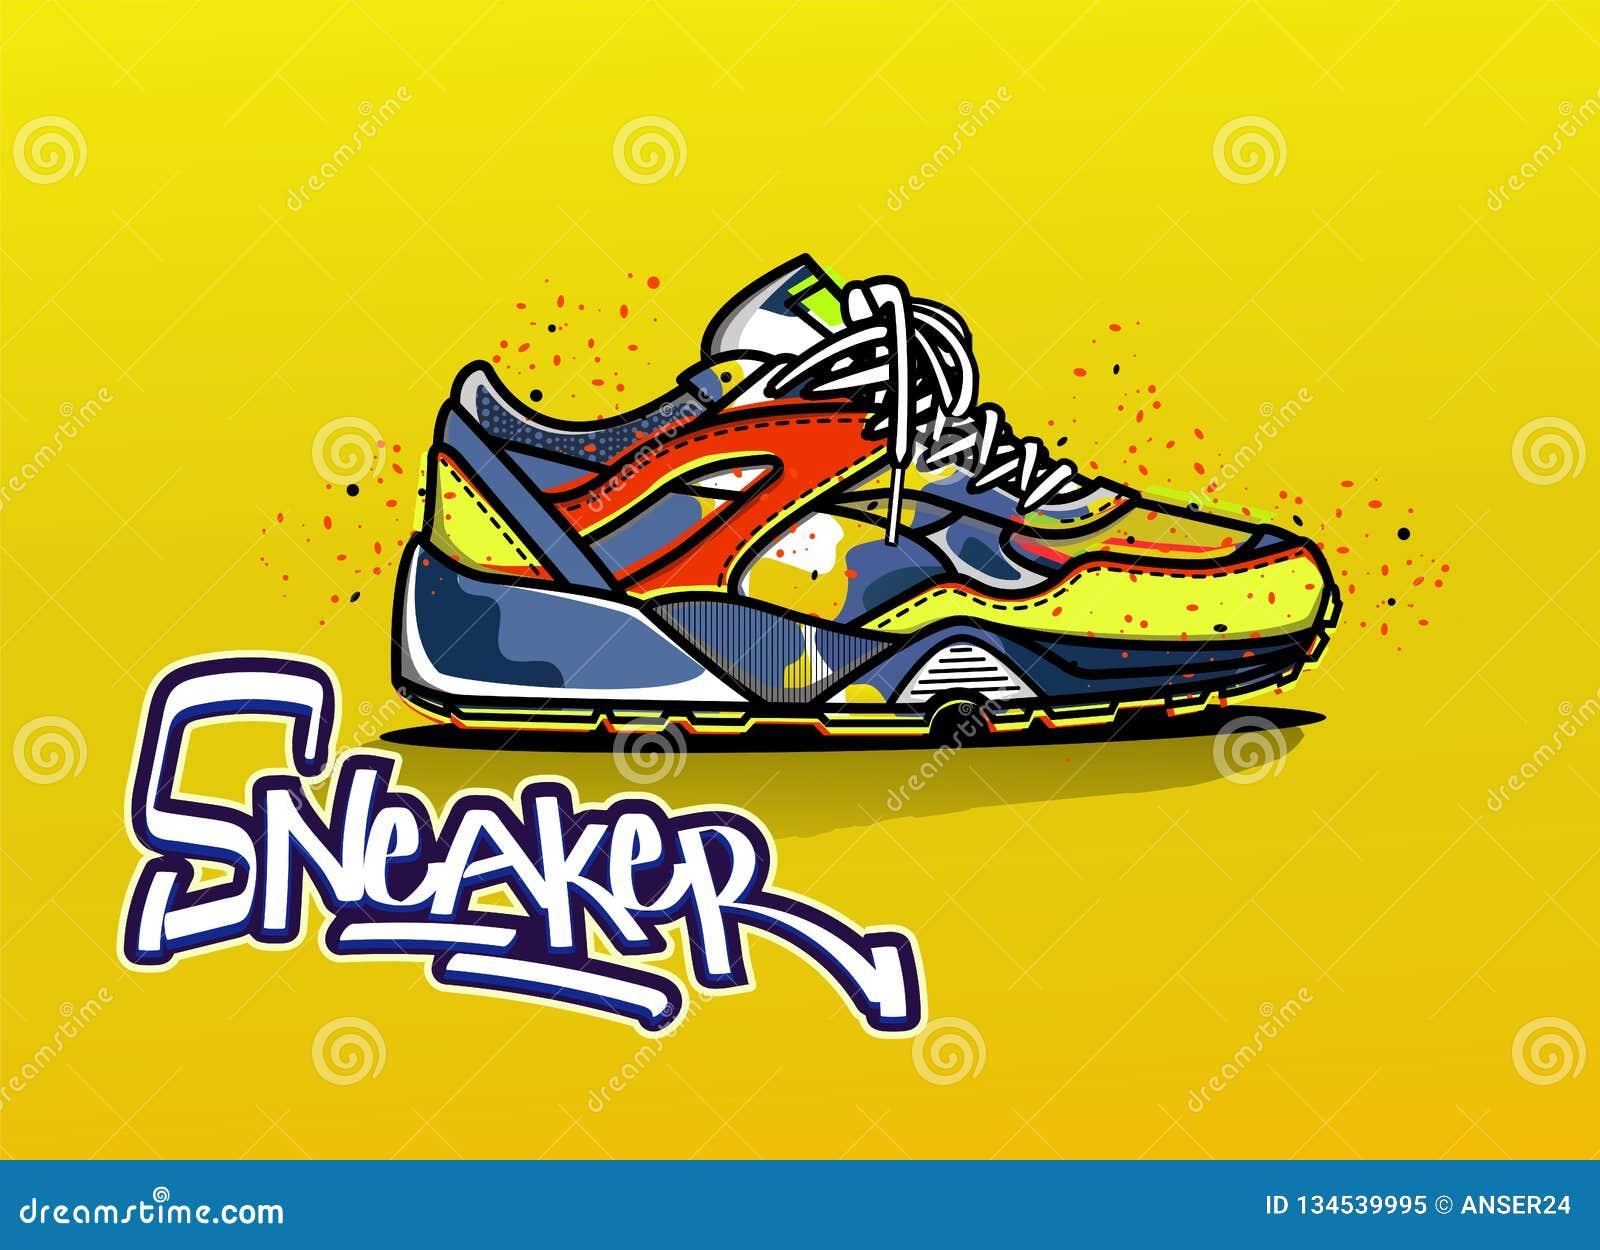 Illustratie van tennisschoenen in kleur De schoenen van de sport